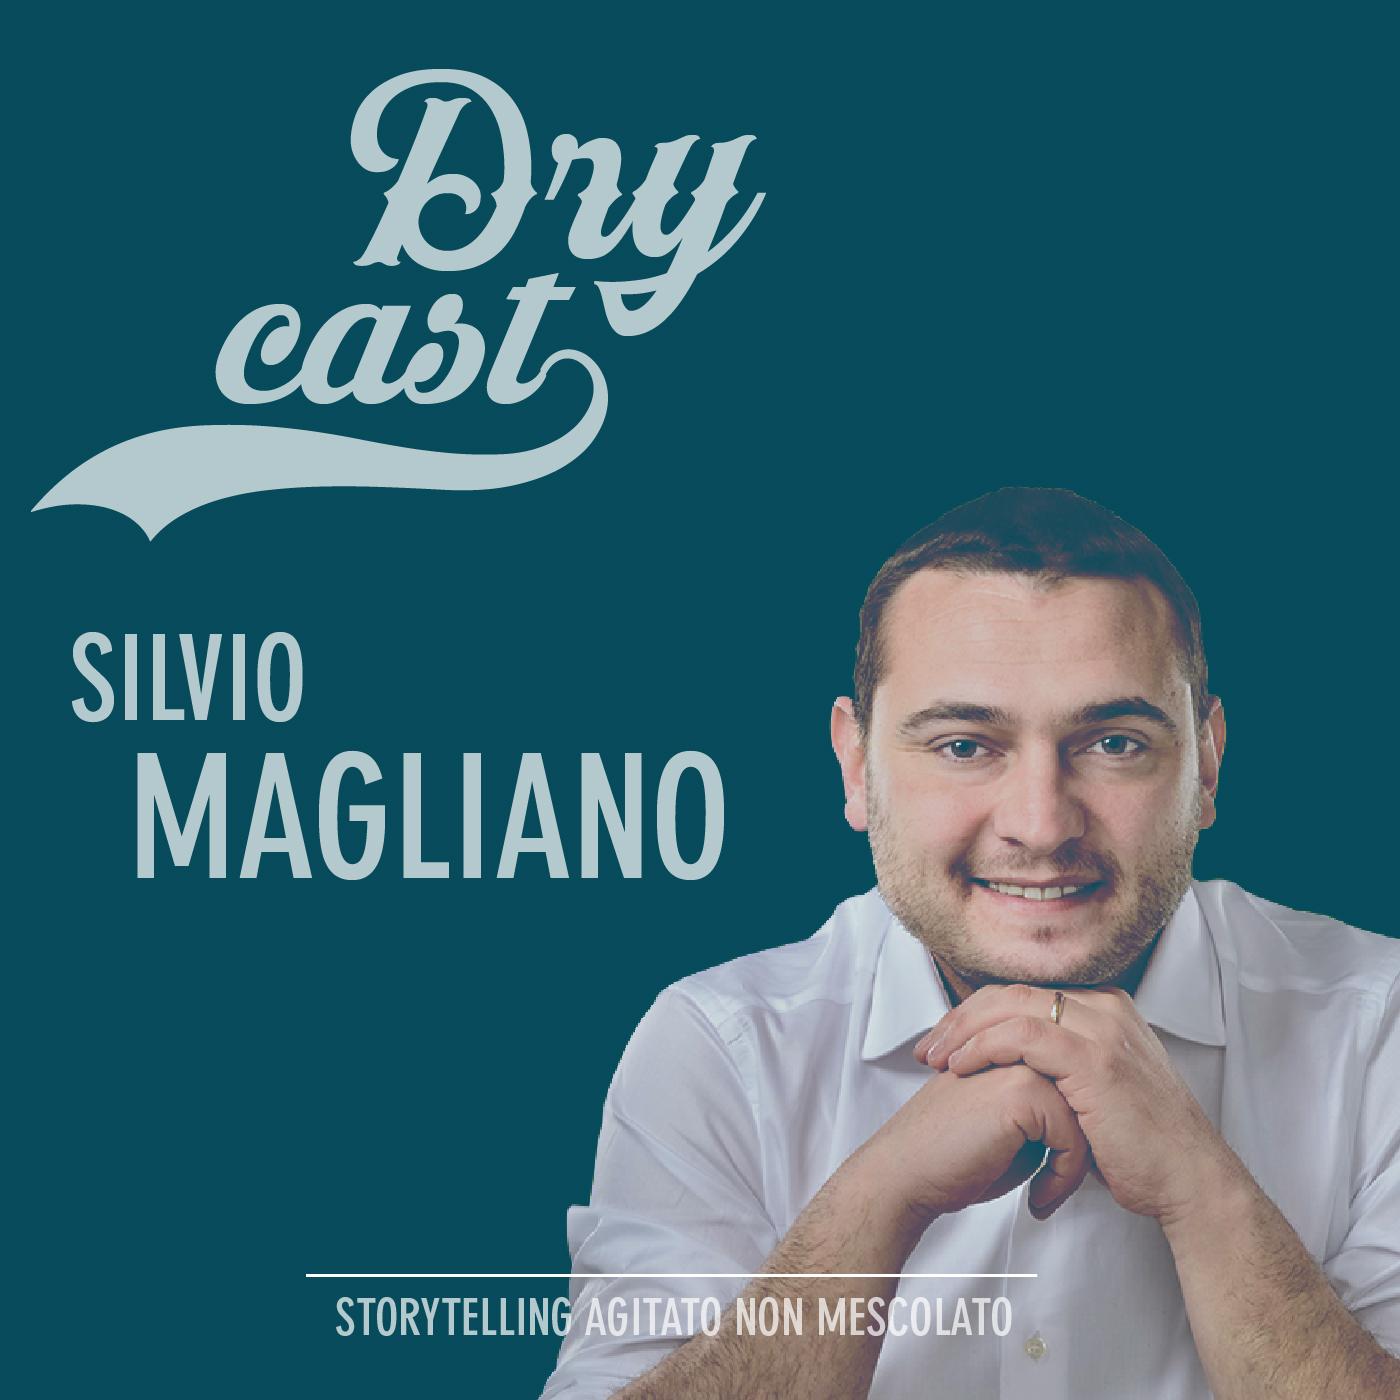 25 - Silvio Magliano